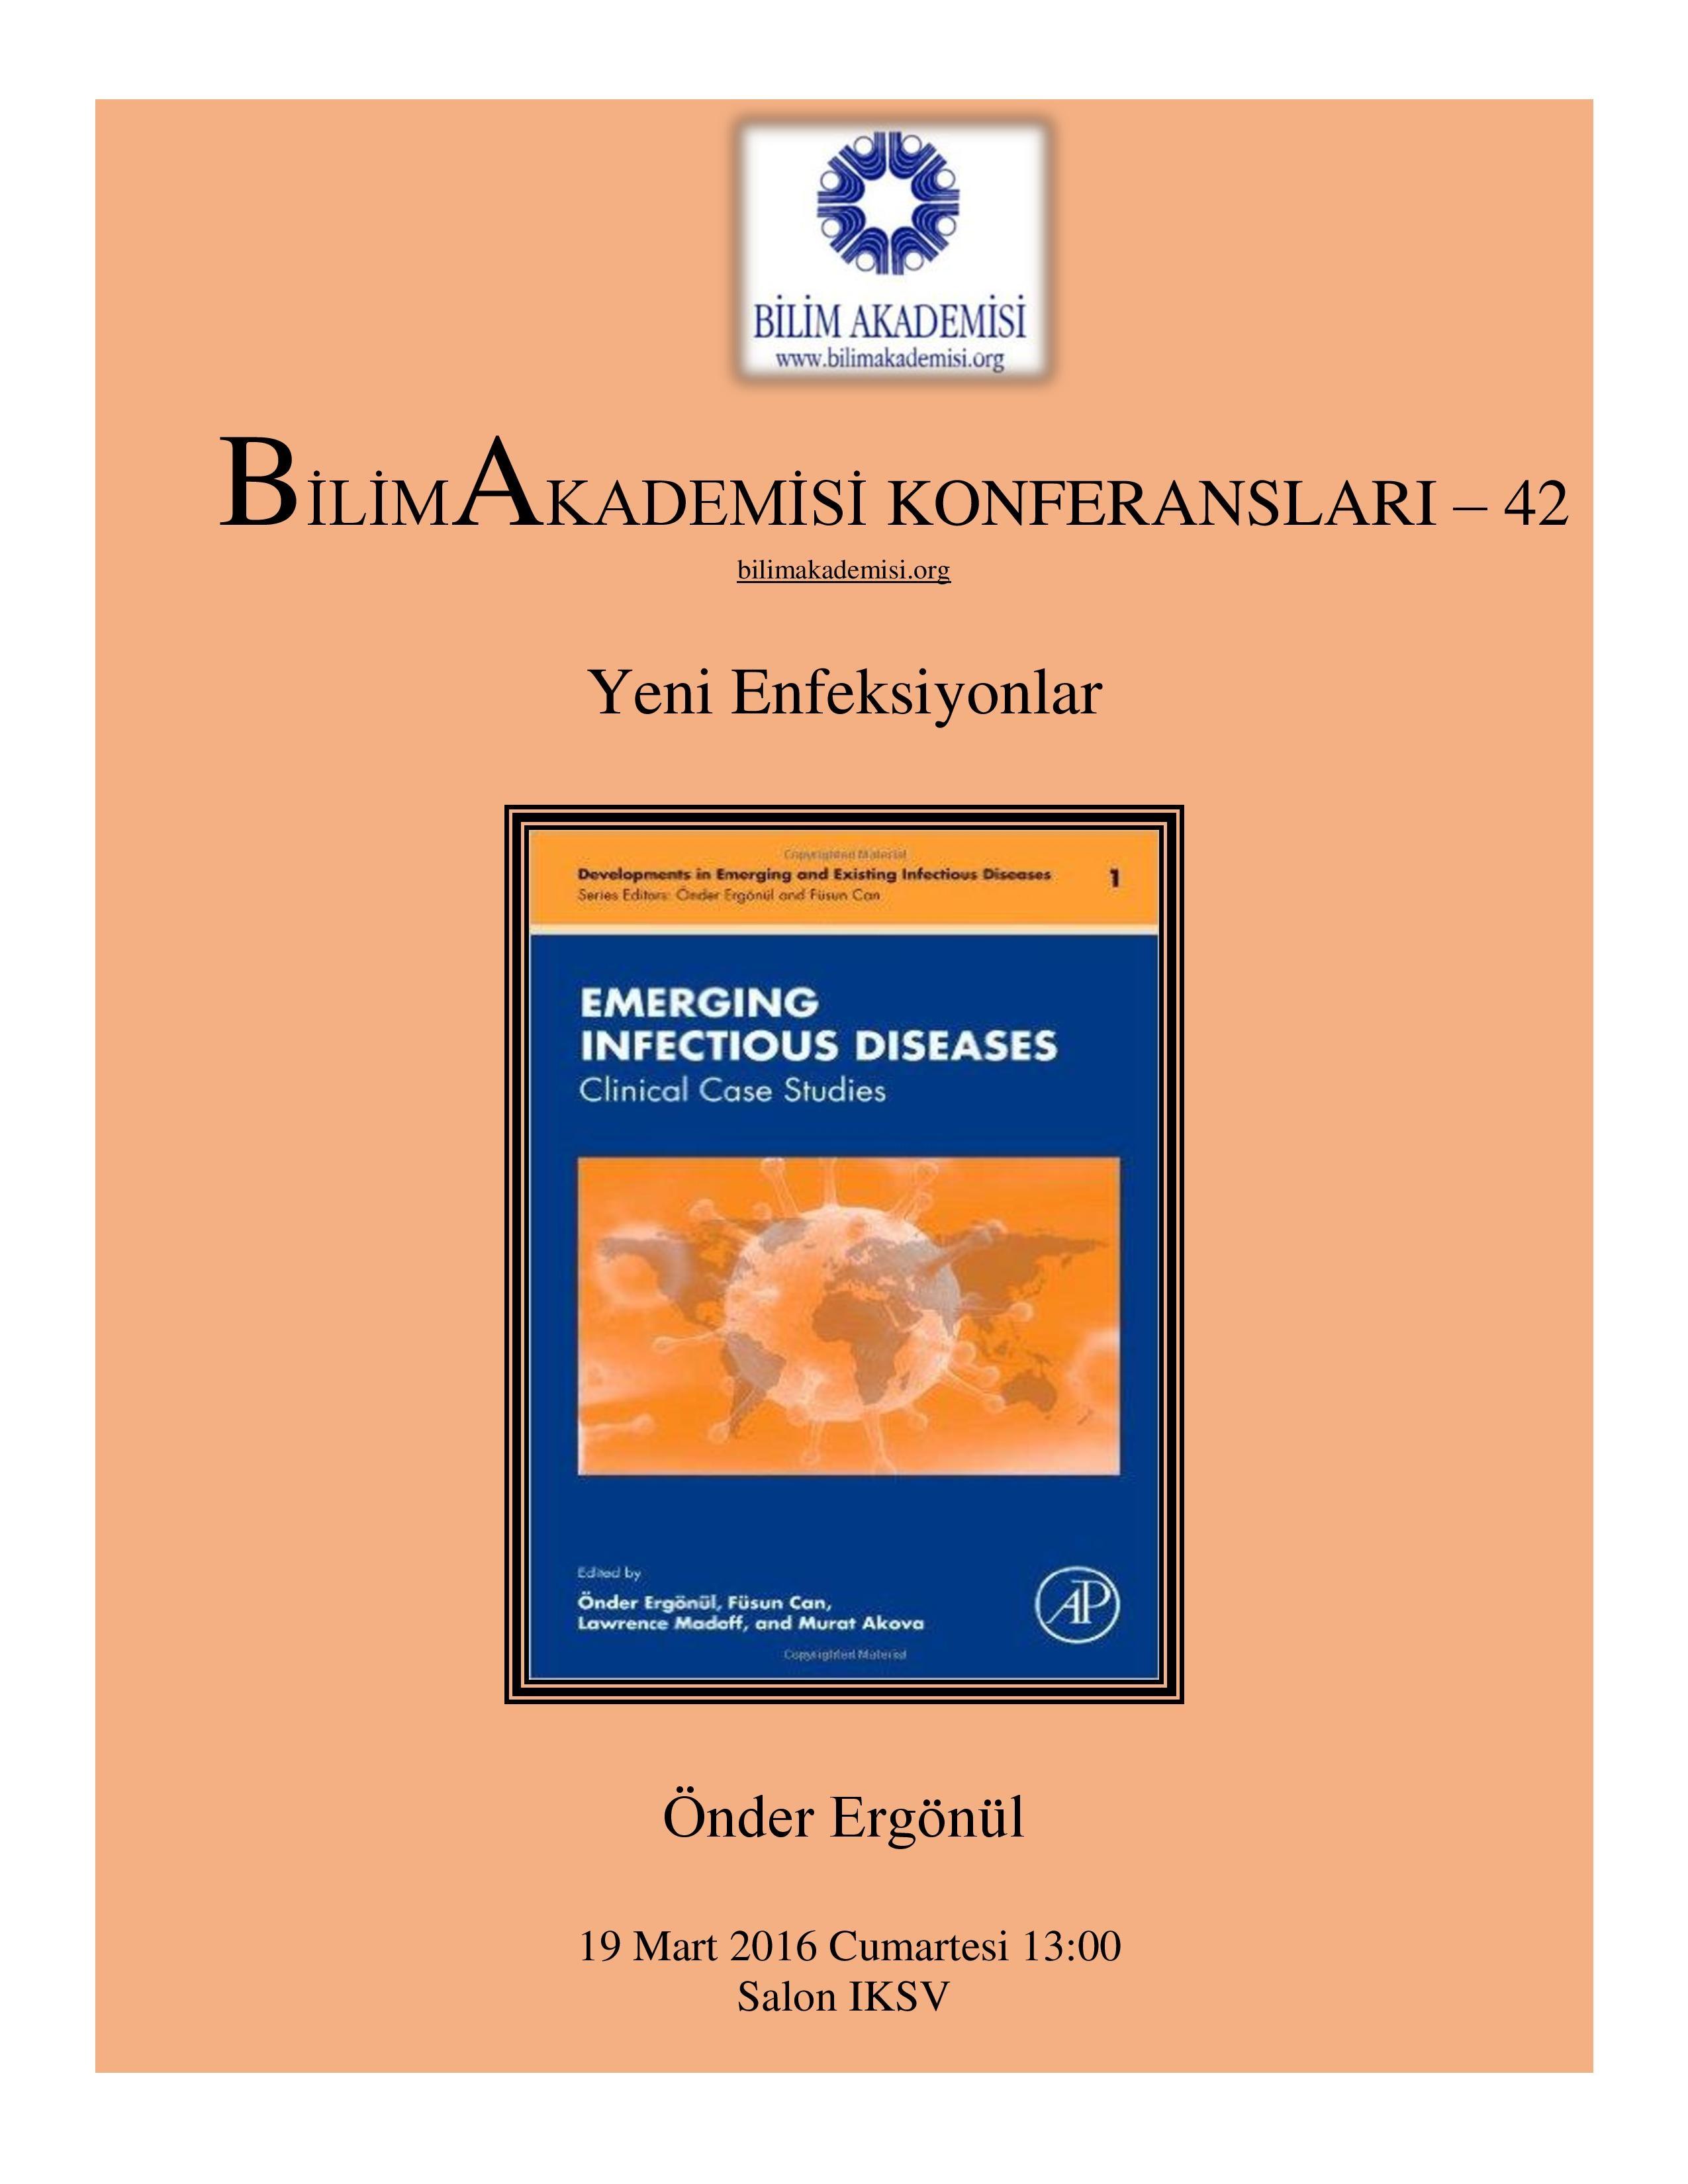 Yeni Enfeksiyonlar - Konuşmacı : Önder Ergönül